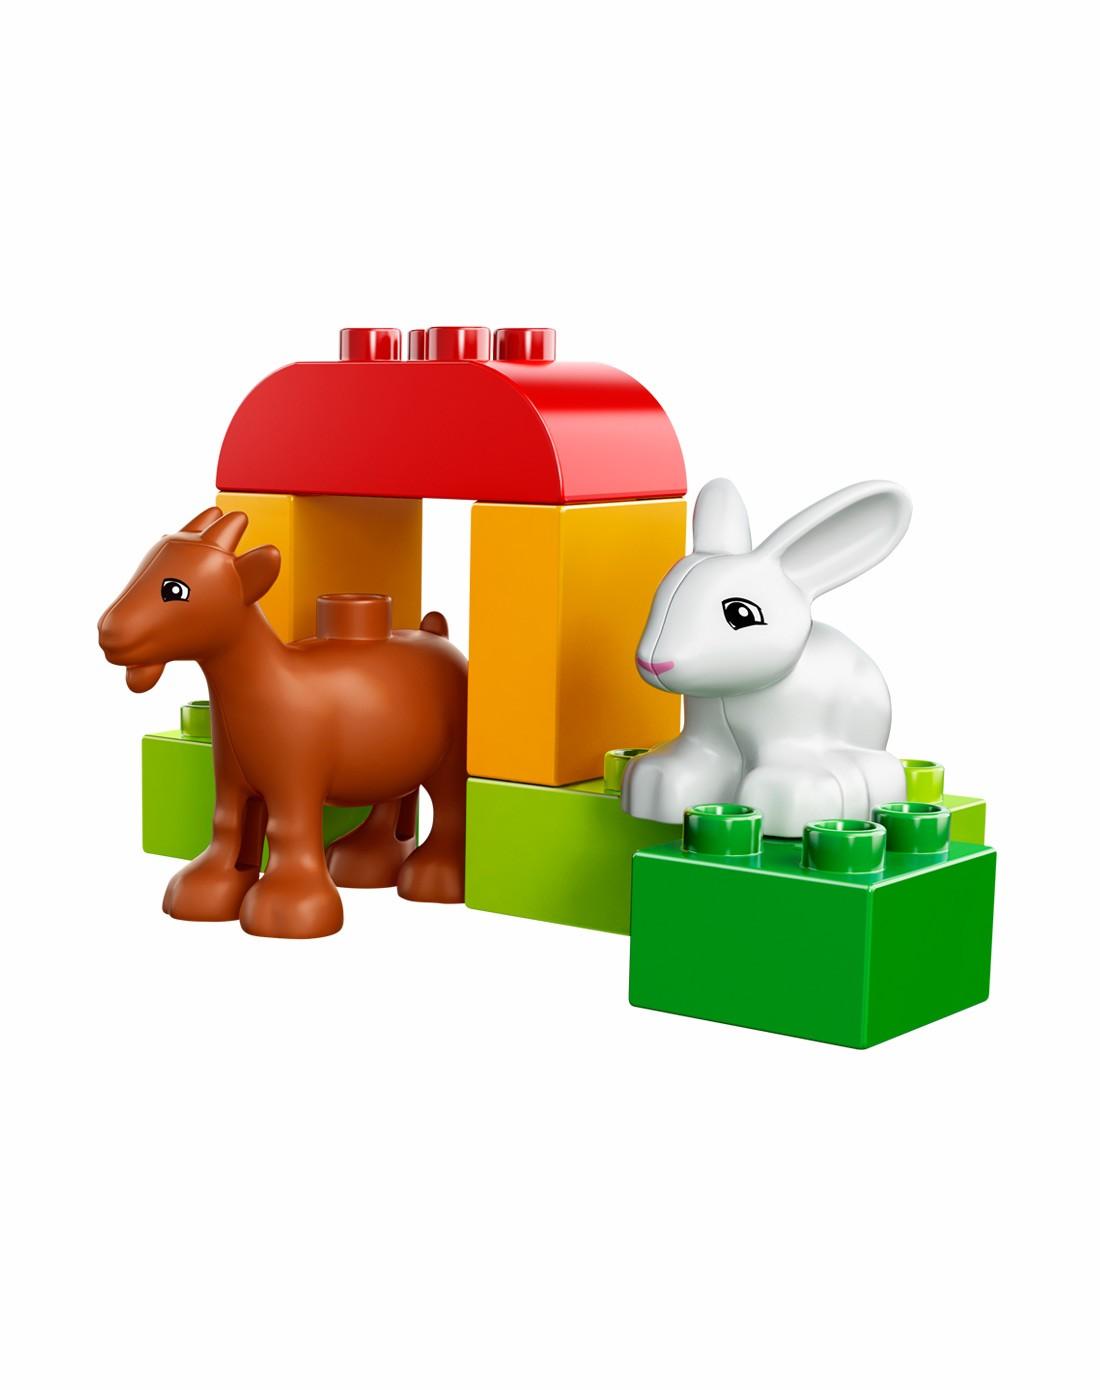 乐高lego 农场小动物 苹果拼砌包2-5岁